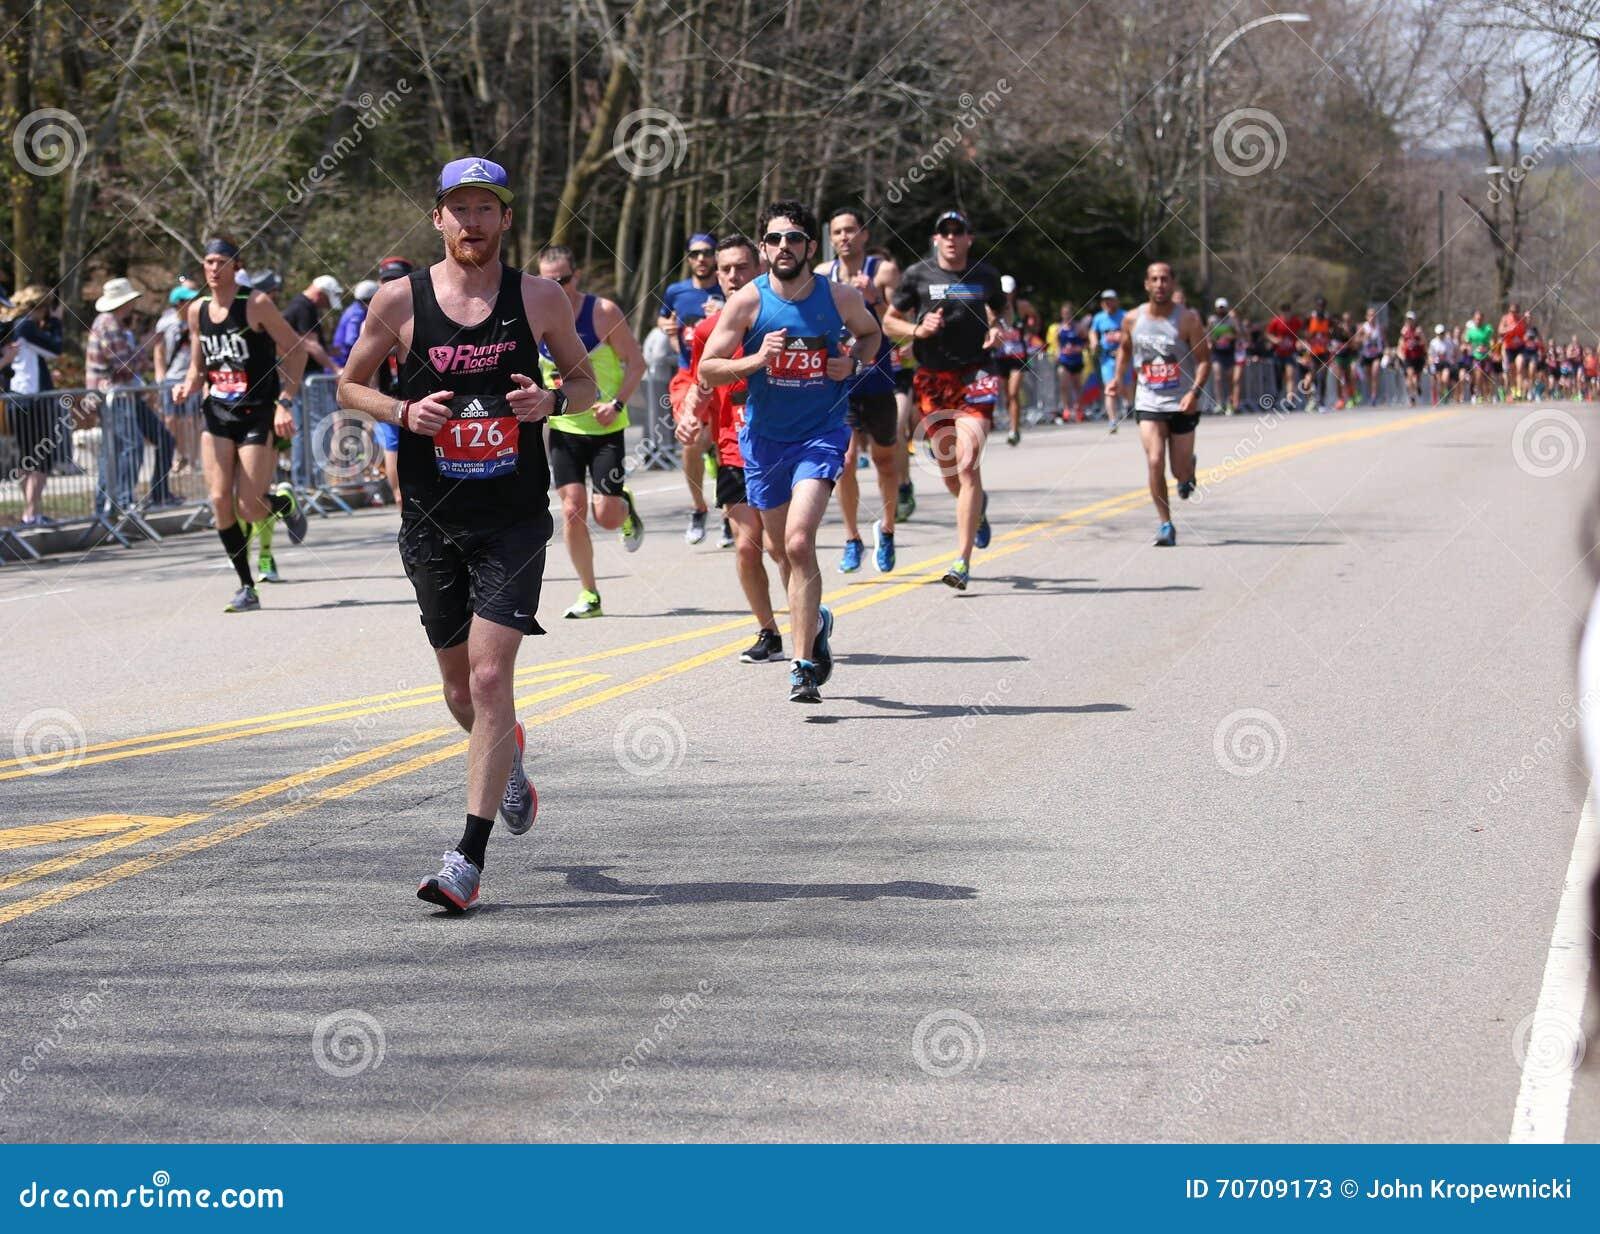 Οι δρομείς συσσώρευσαν το Hill Heartbreak κατά τη διάρκεια του μαραθωνίου της Βοστώνης στις 18 Απριλίου 2016 στη Βοστώνη